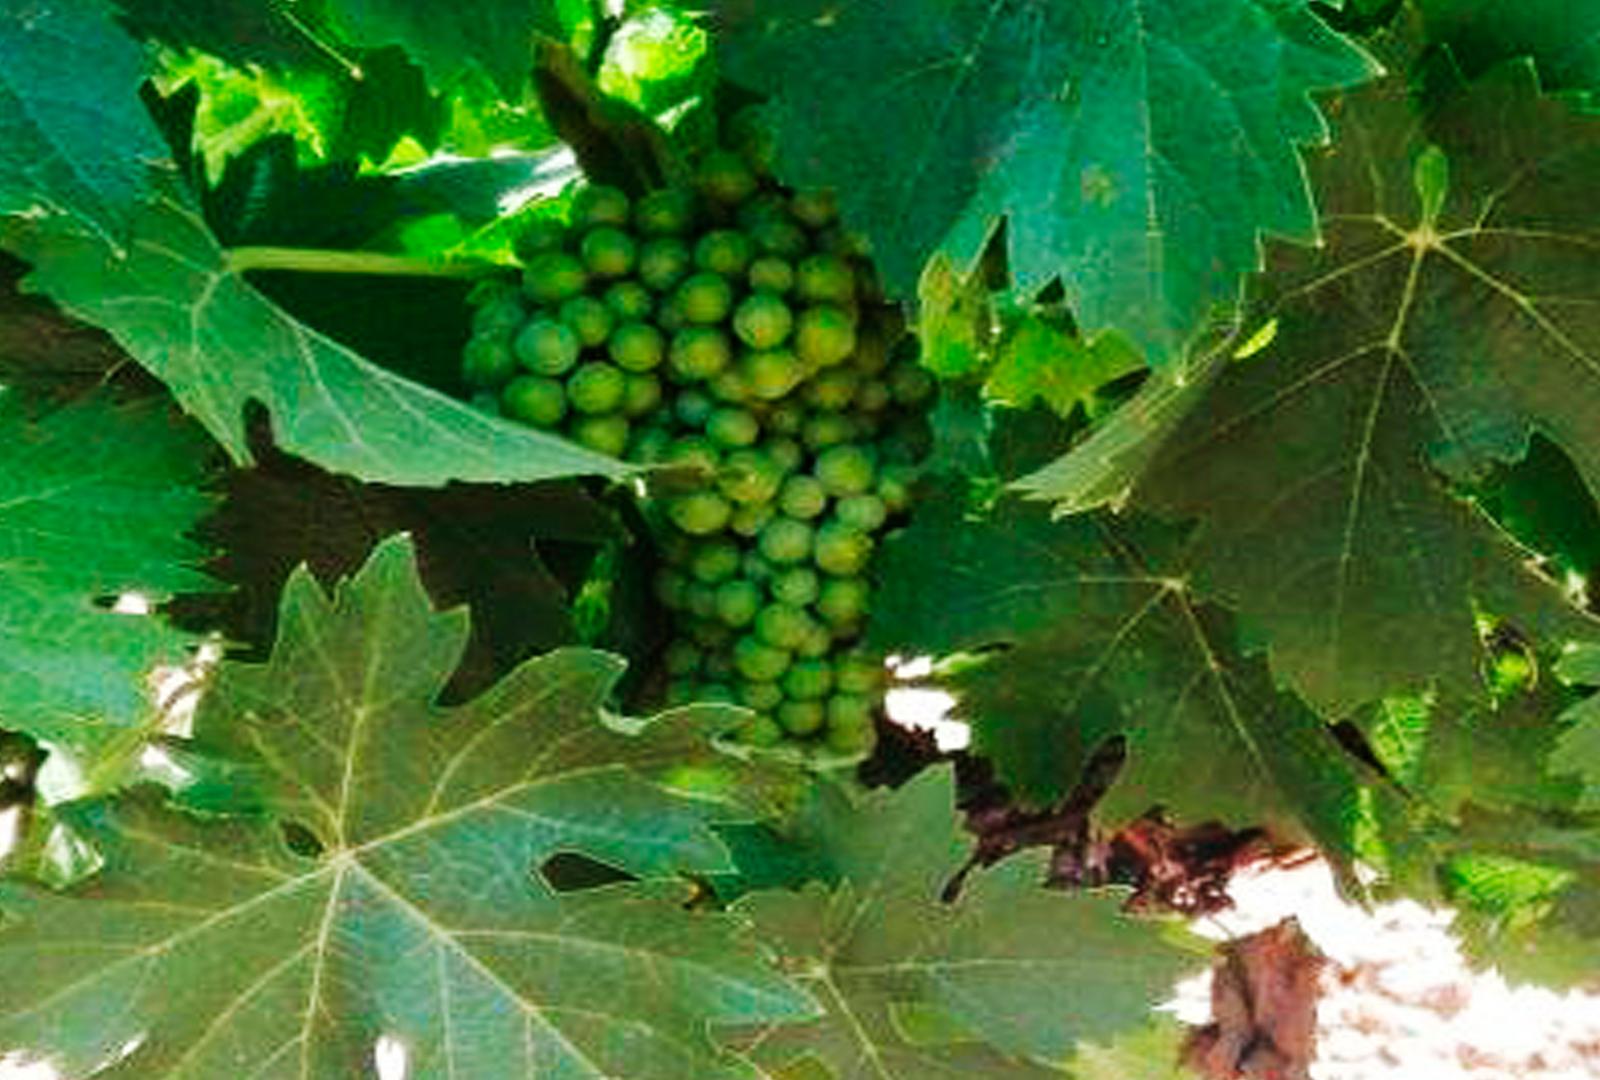 Bodega Tierras de Mollina duplicará su producción de uva.